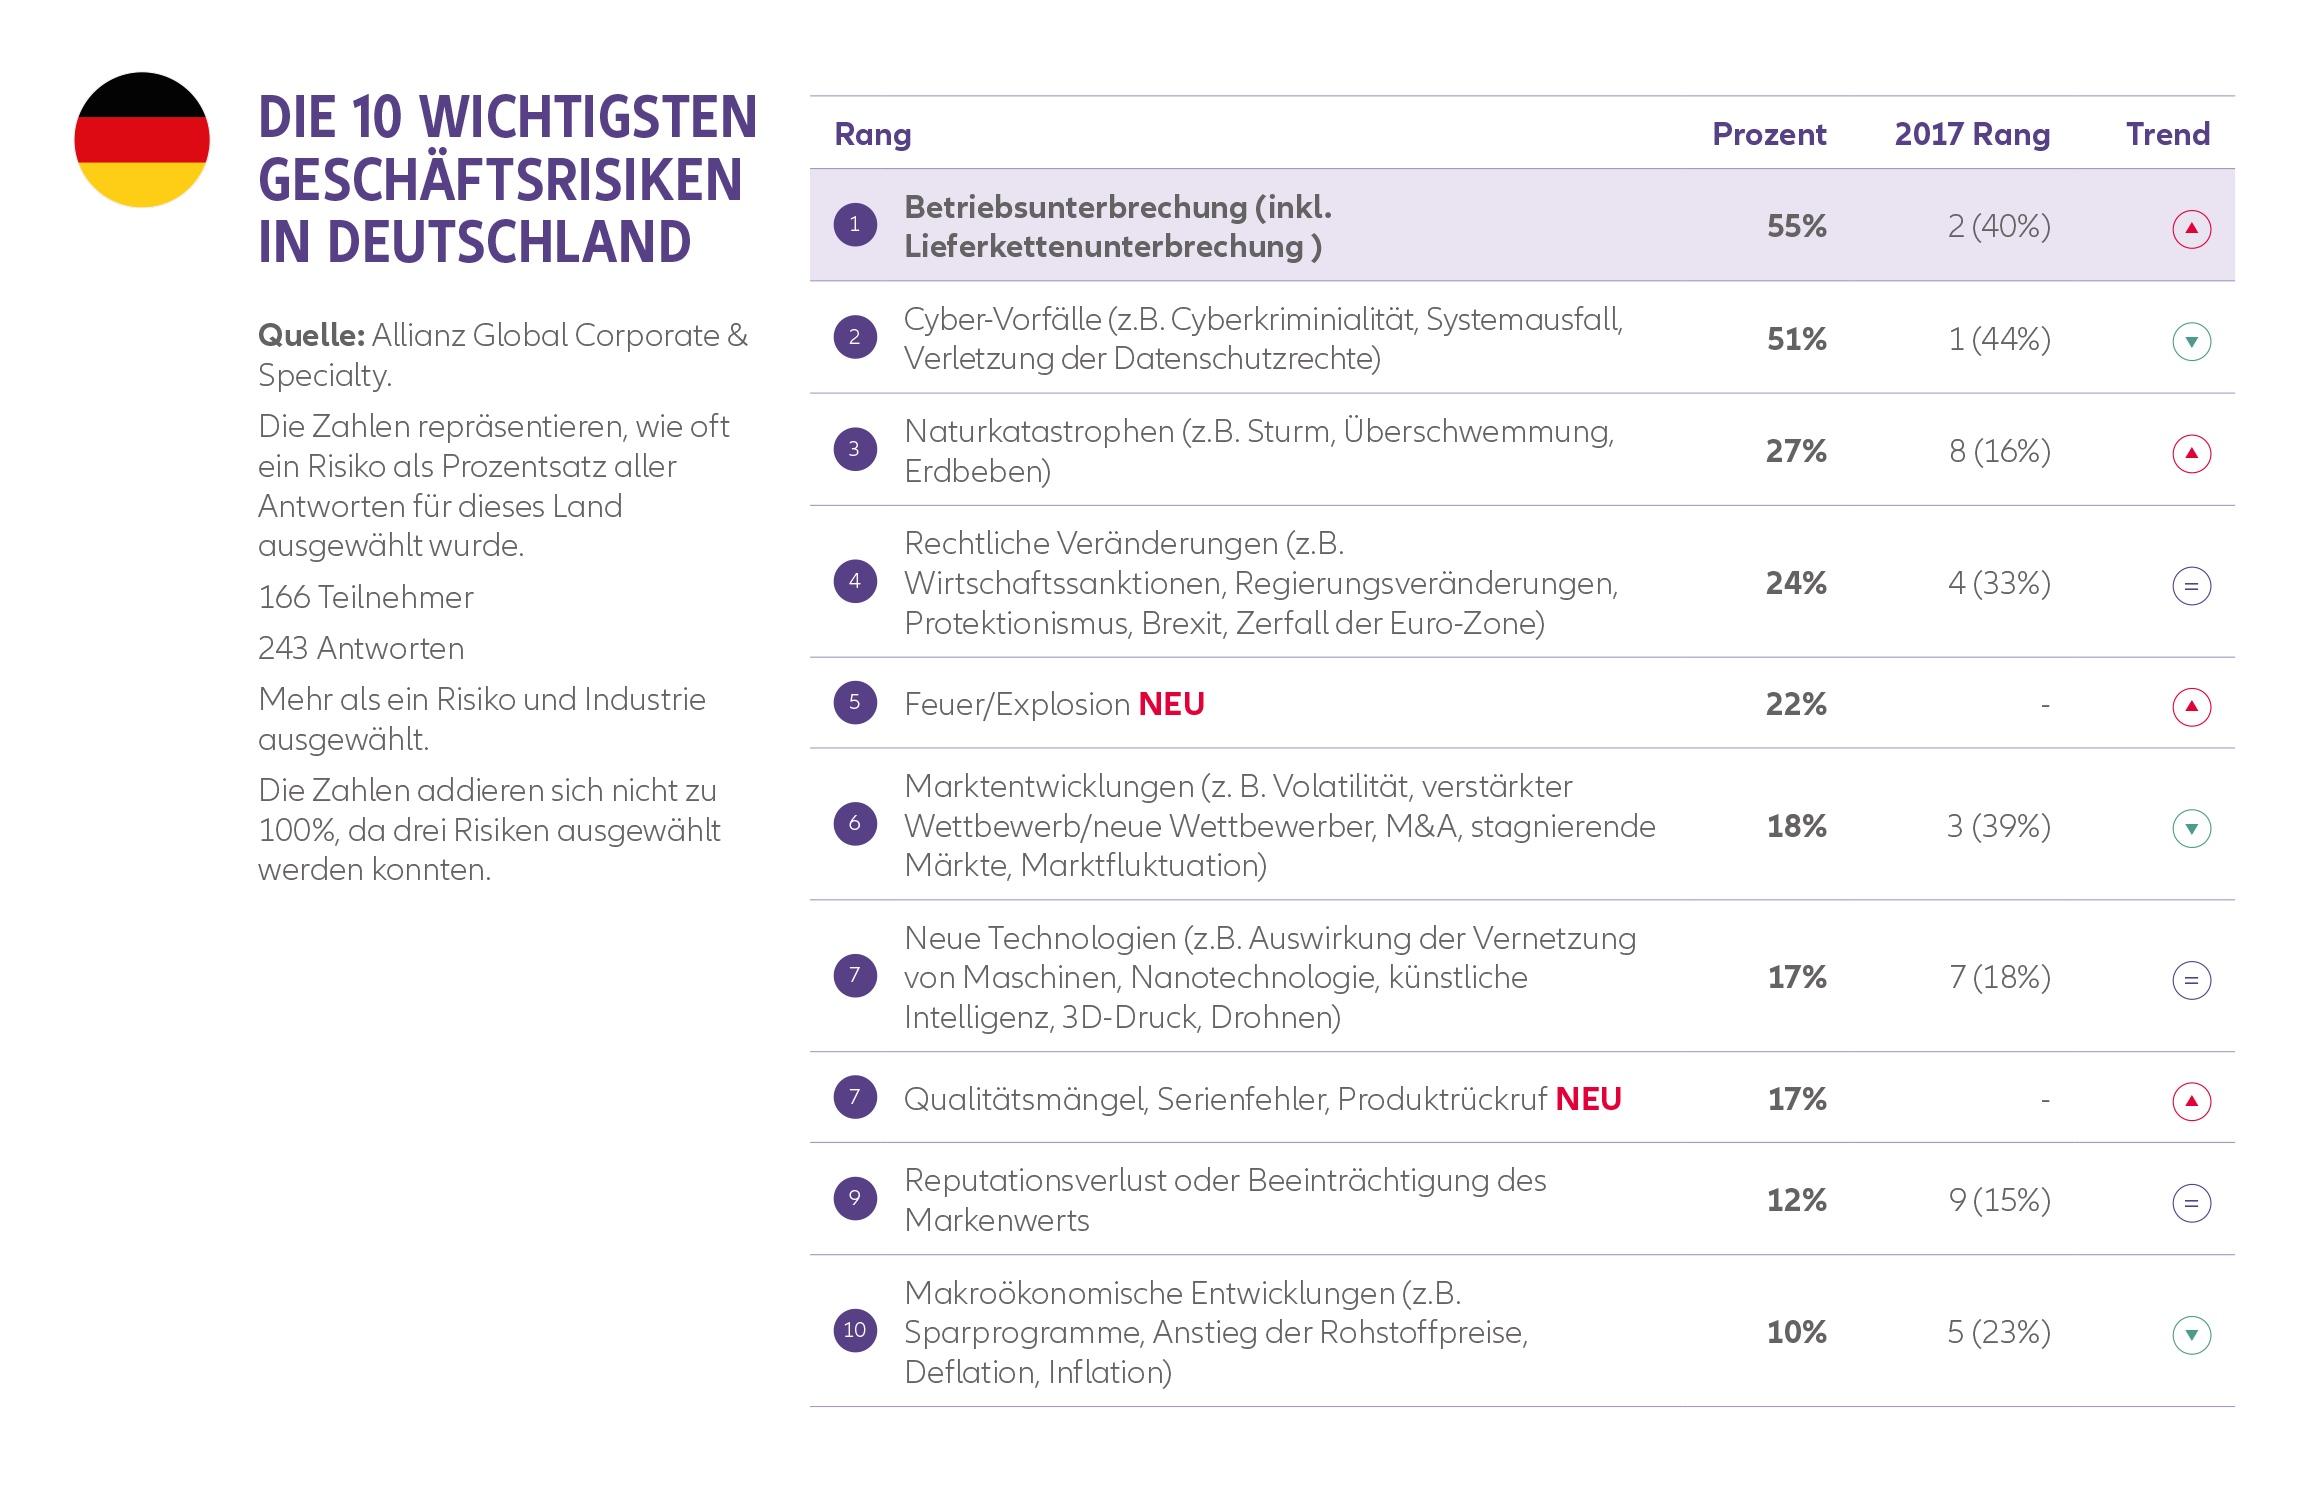 Allianz Risk Barometer 2018: Cybervorfälle werden am meisten unterschätzt